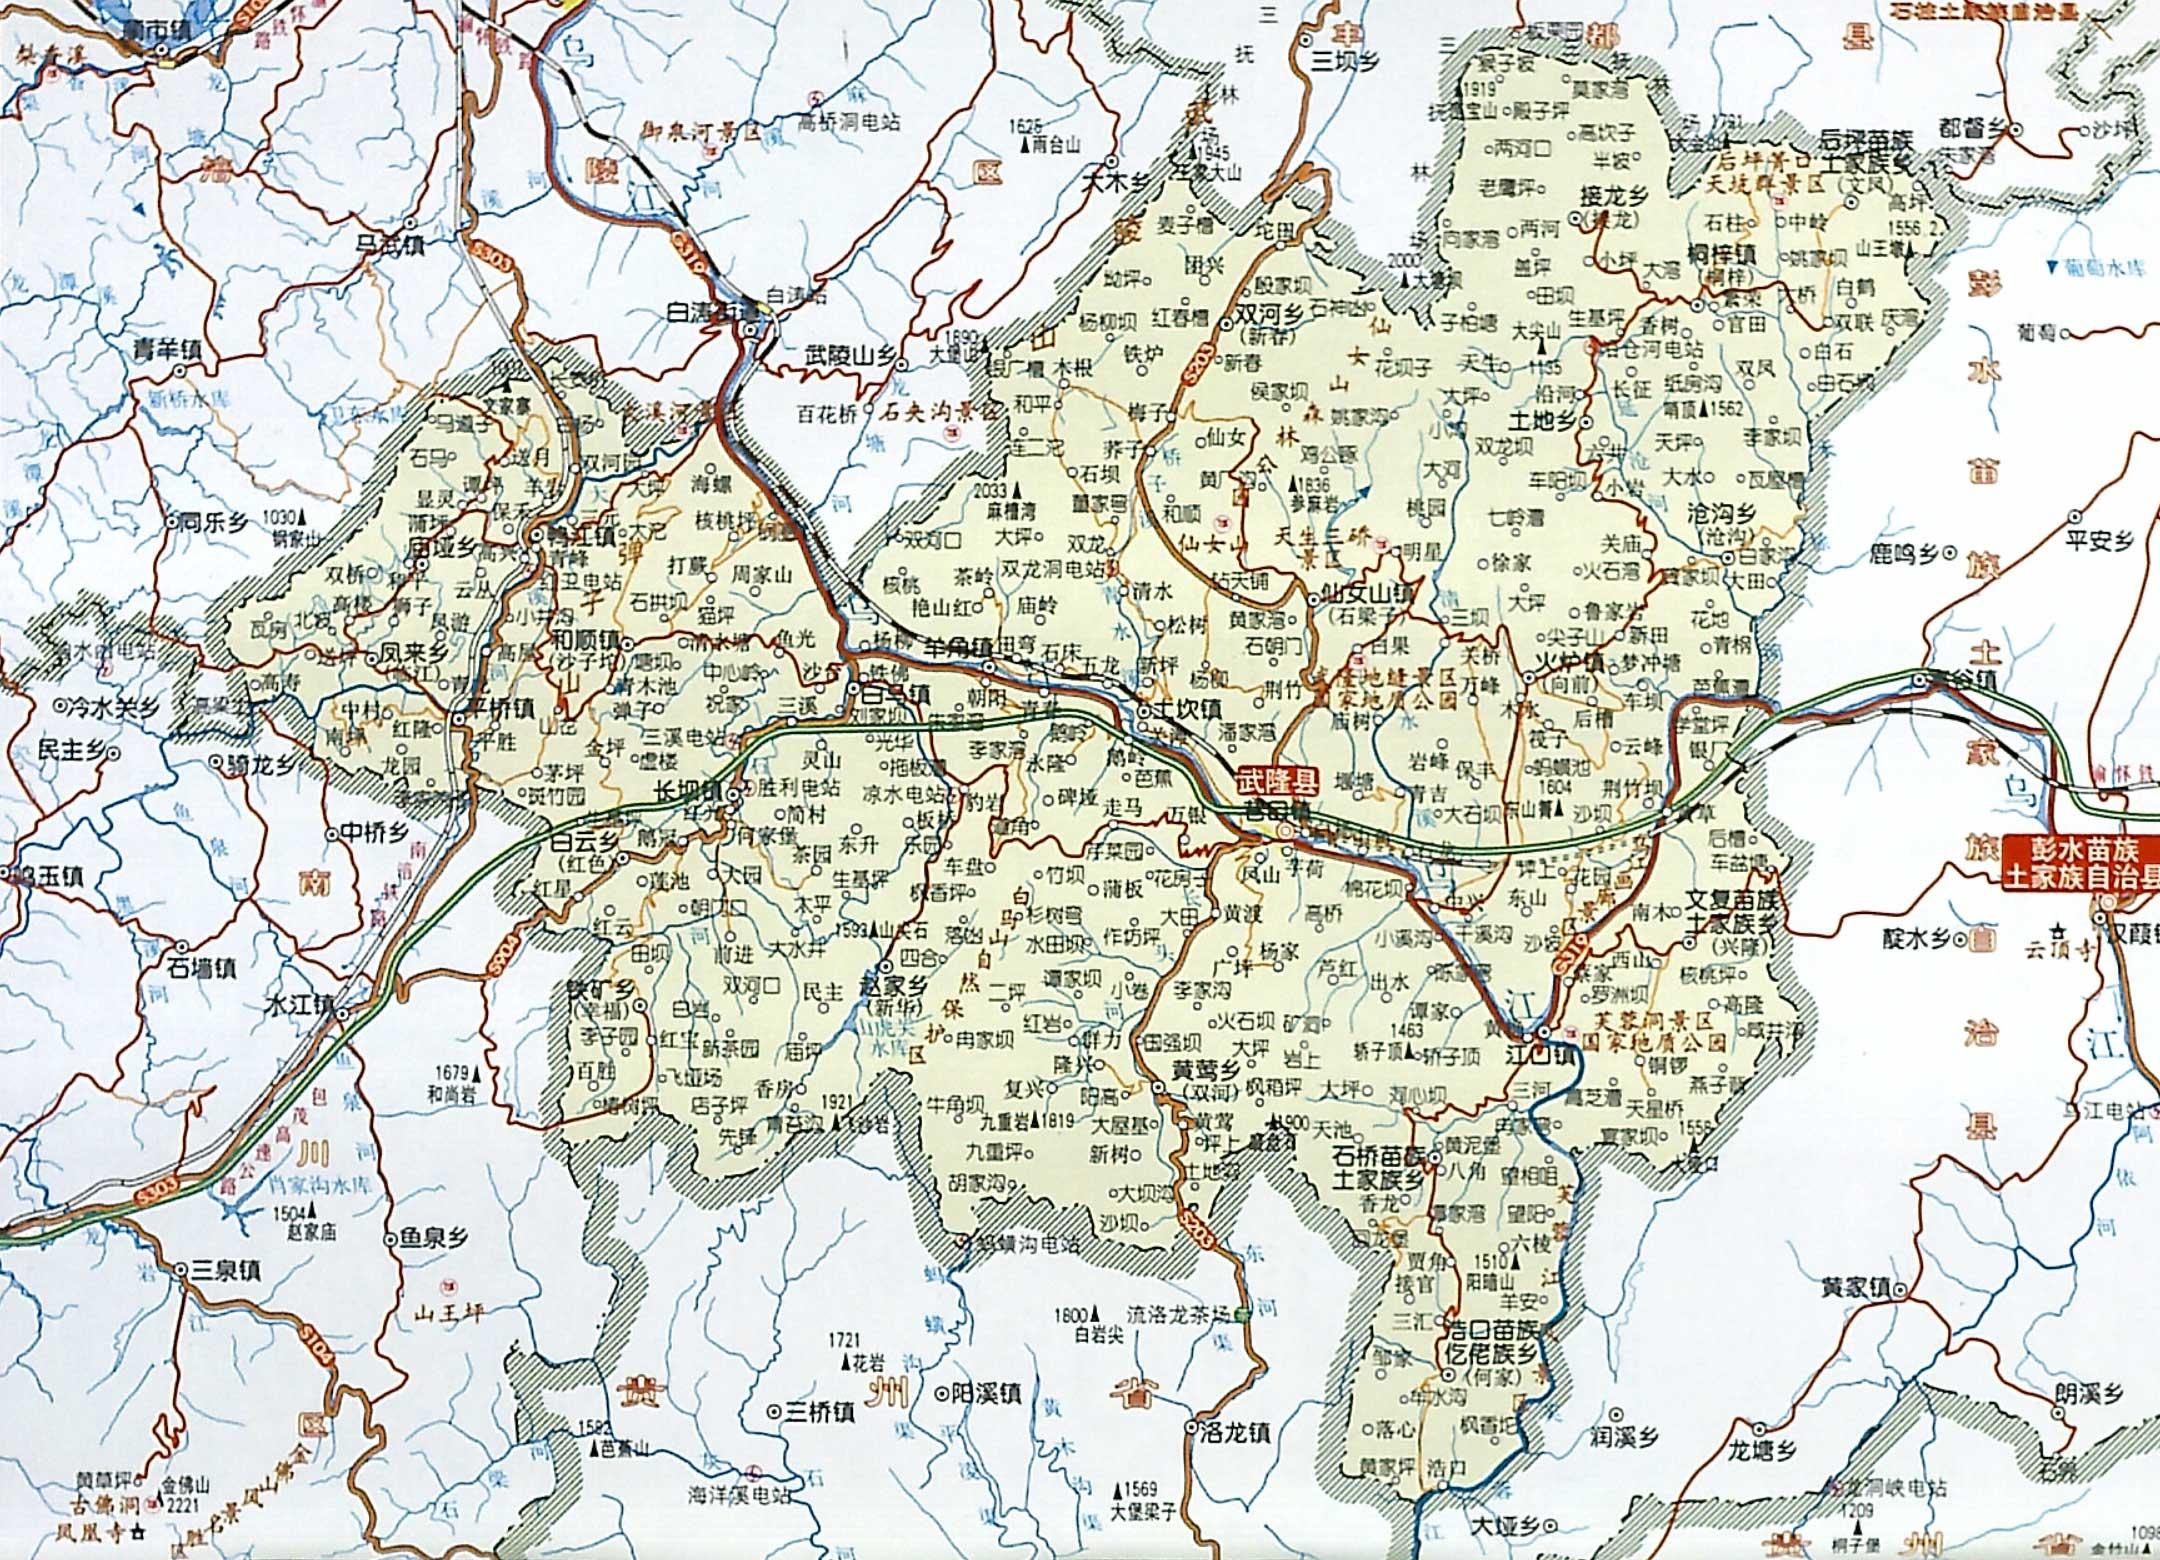 唐朝地图高清版唐朝地图